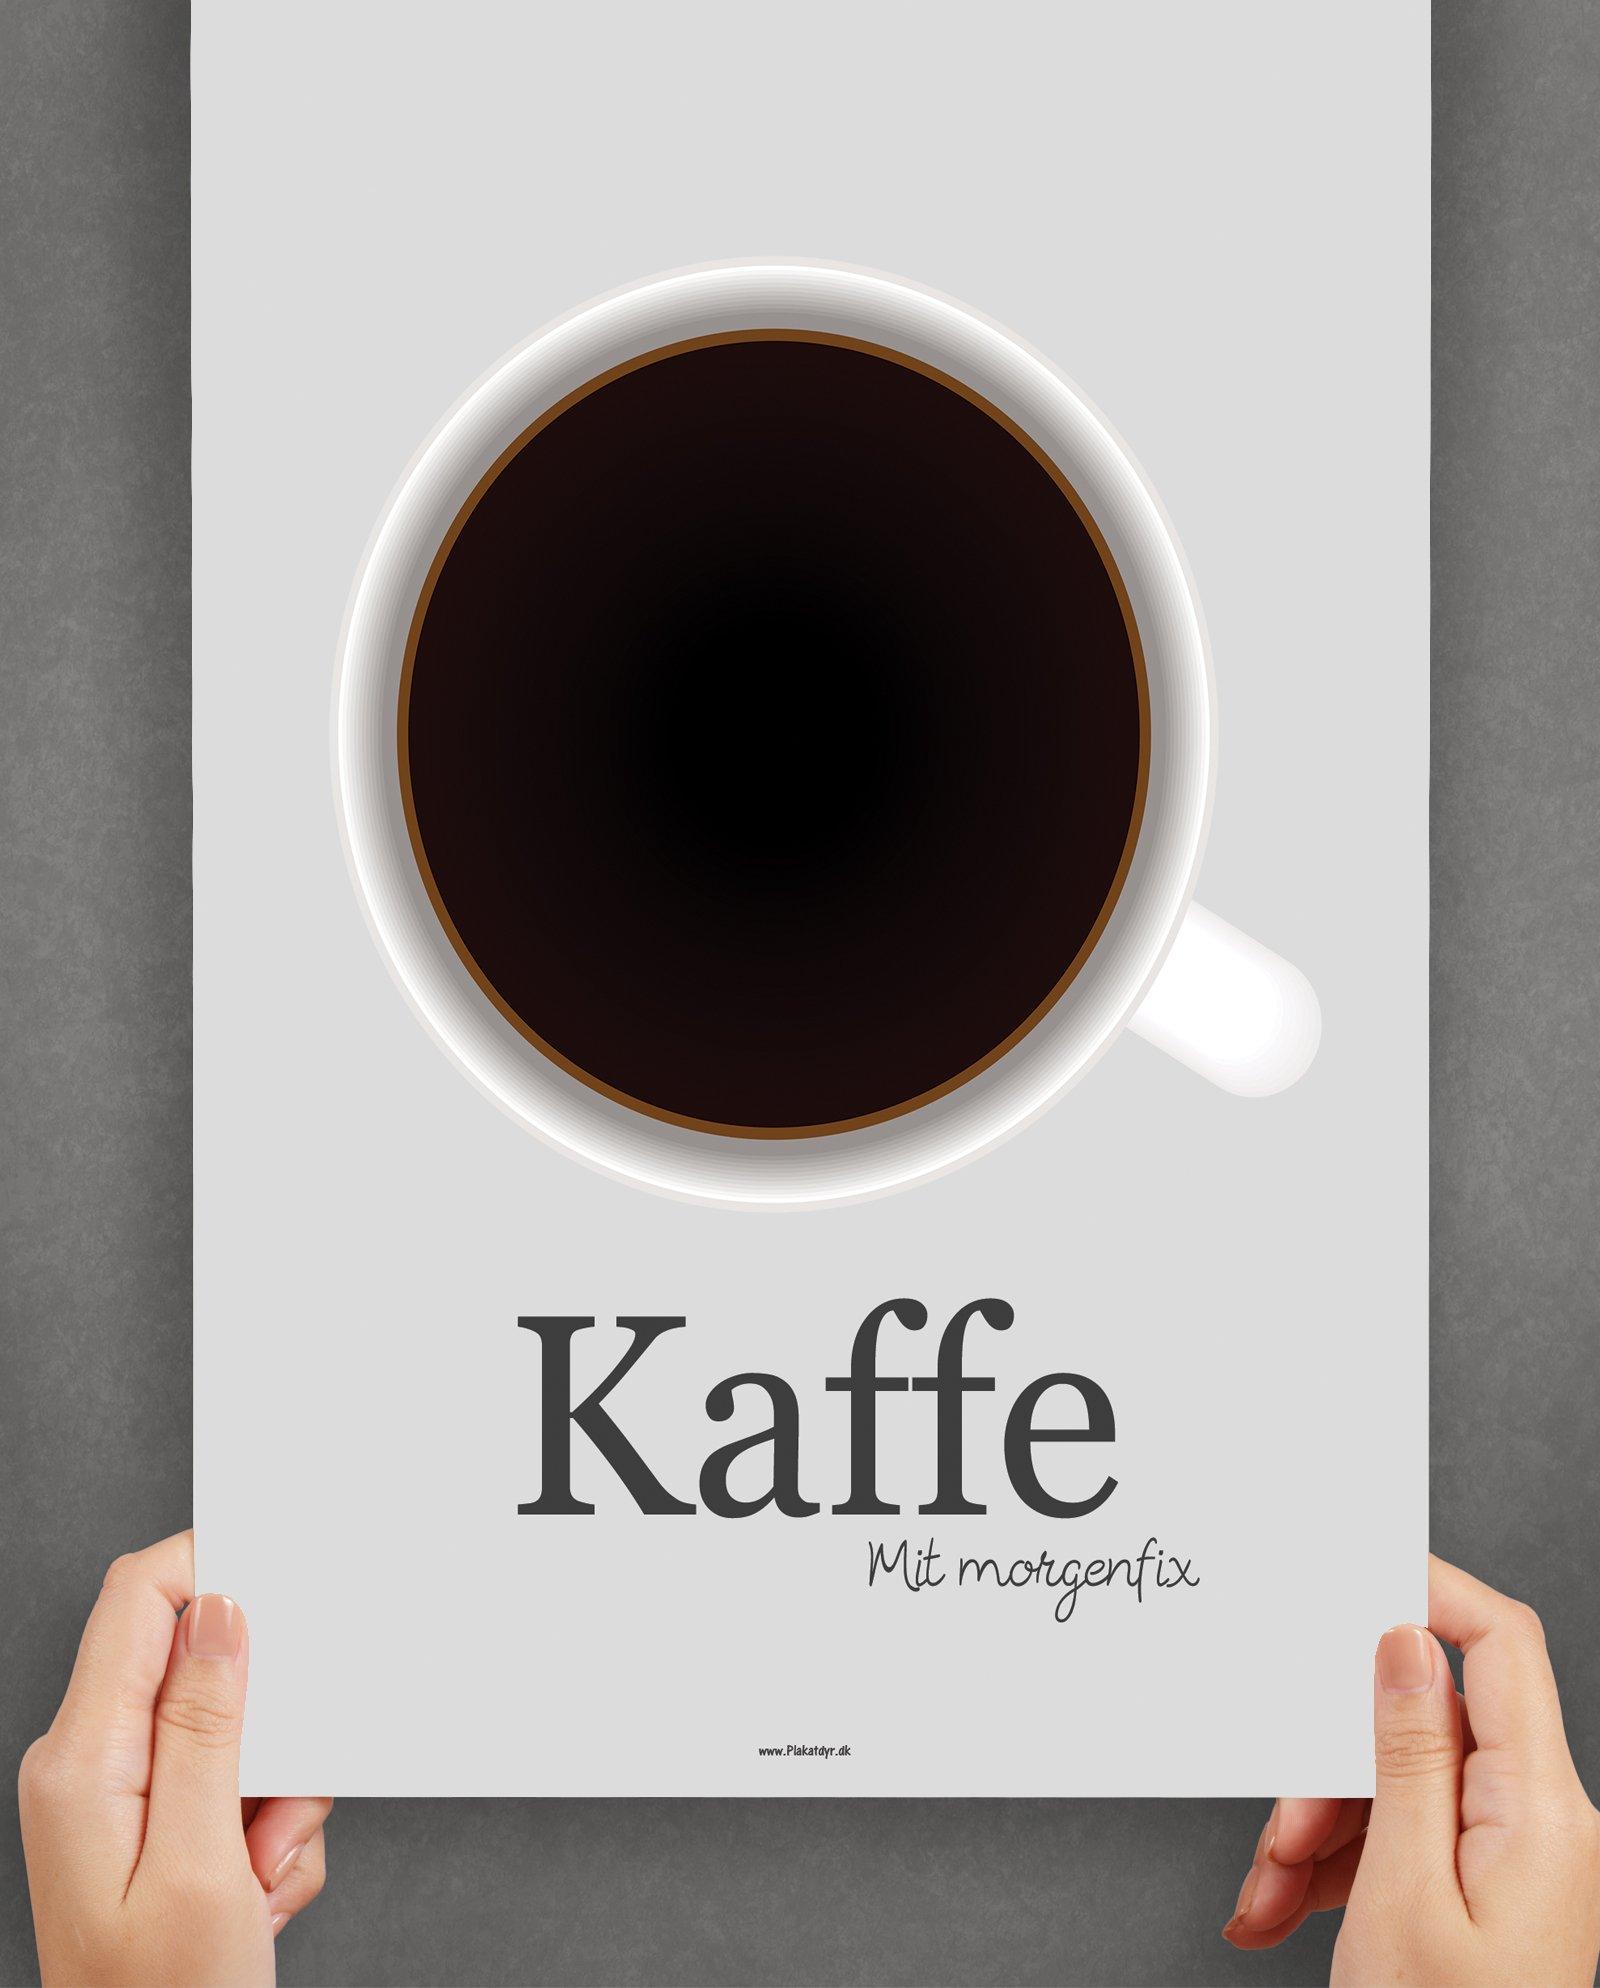 kaffe-graa-plakat-3